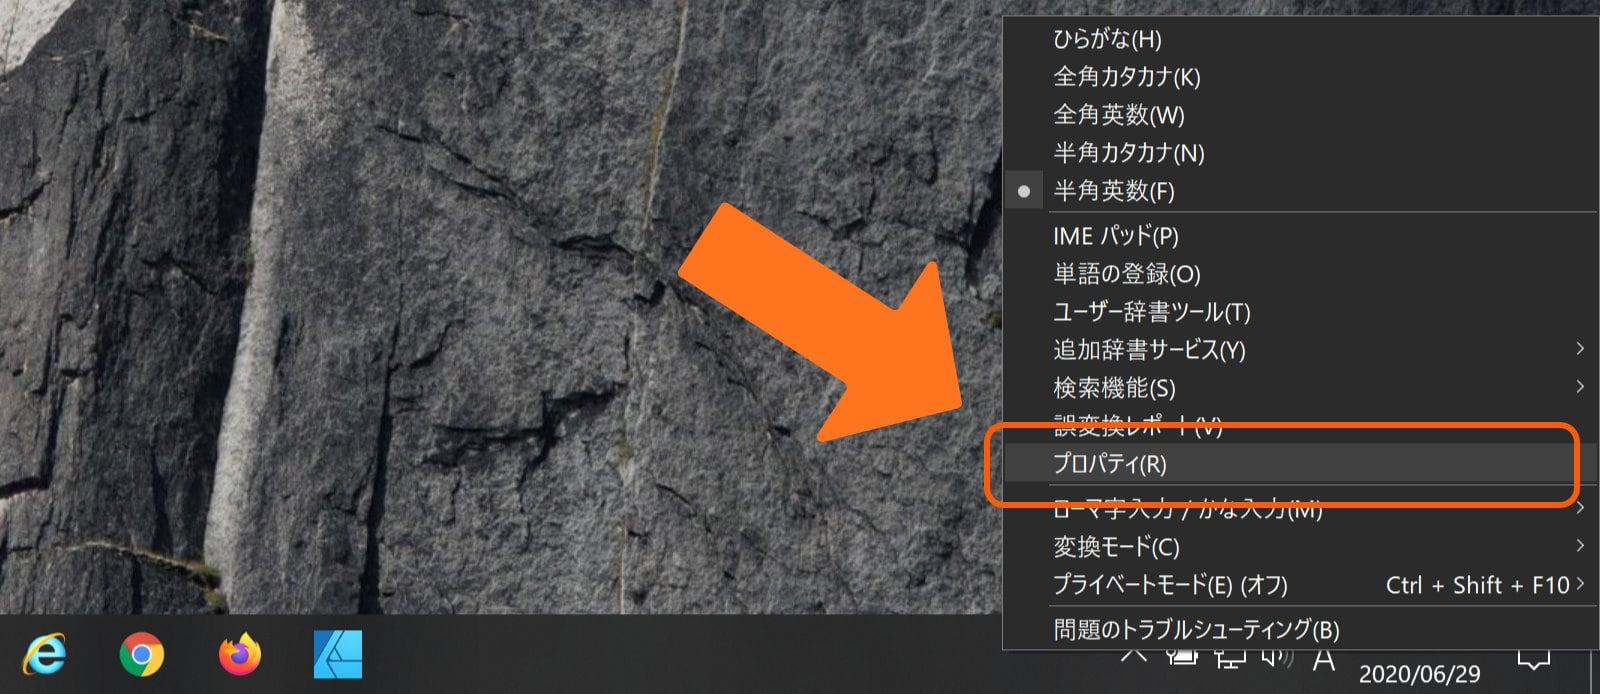 タスク バーのMicrosoft IMEのアイコン「A」を右クリックした時に表示されるメニューのキャプチャ画像